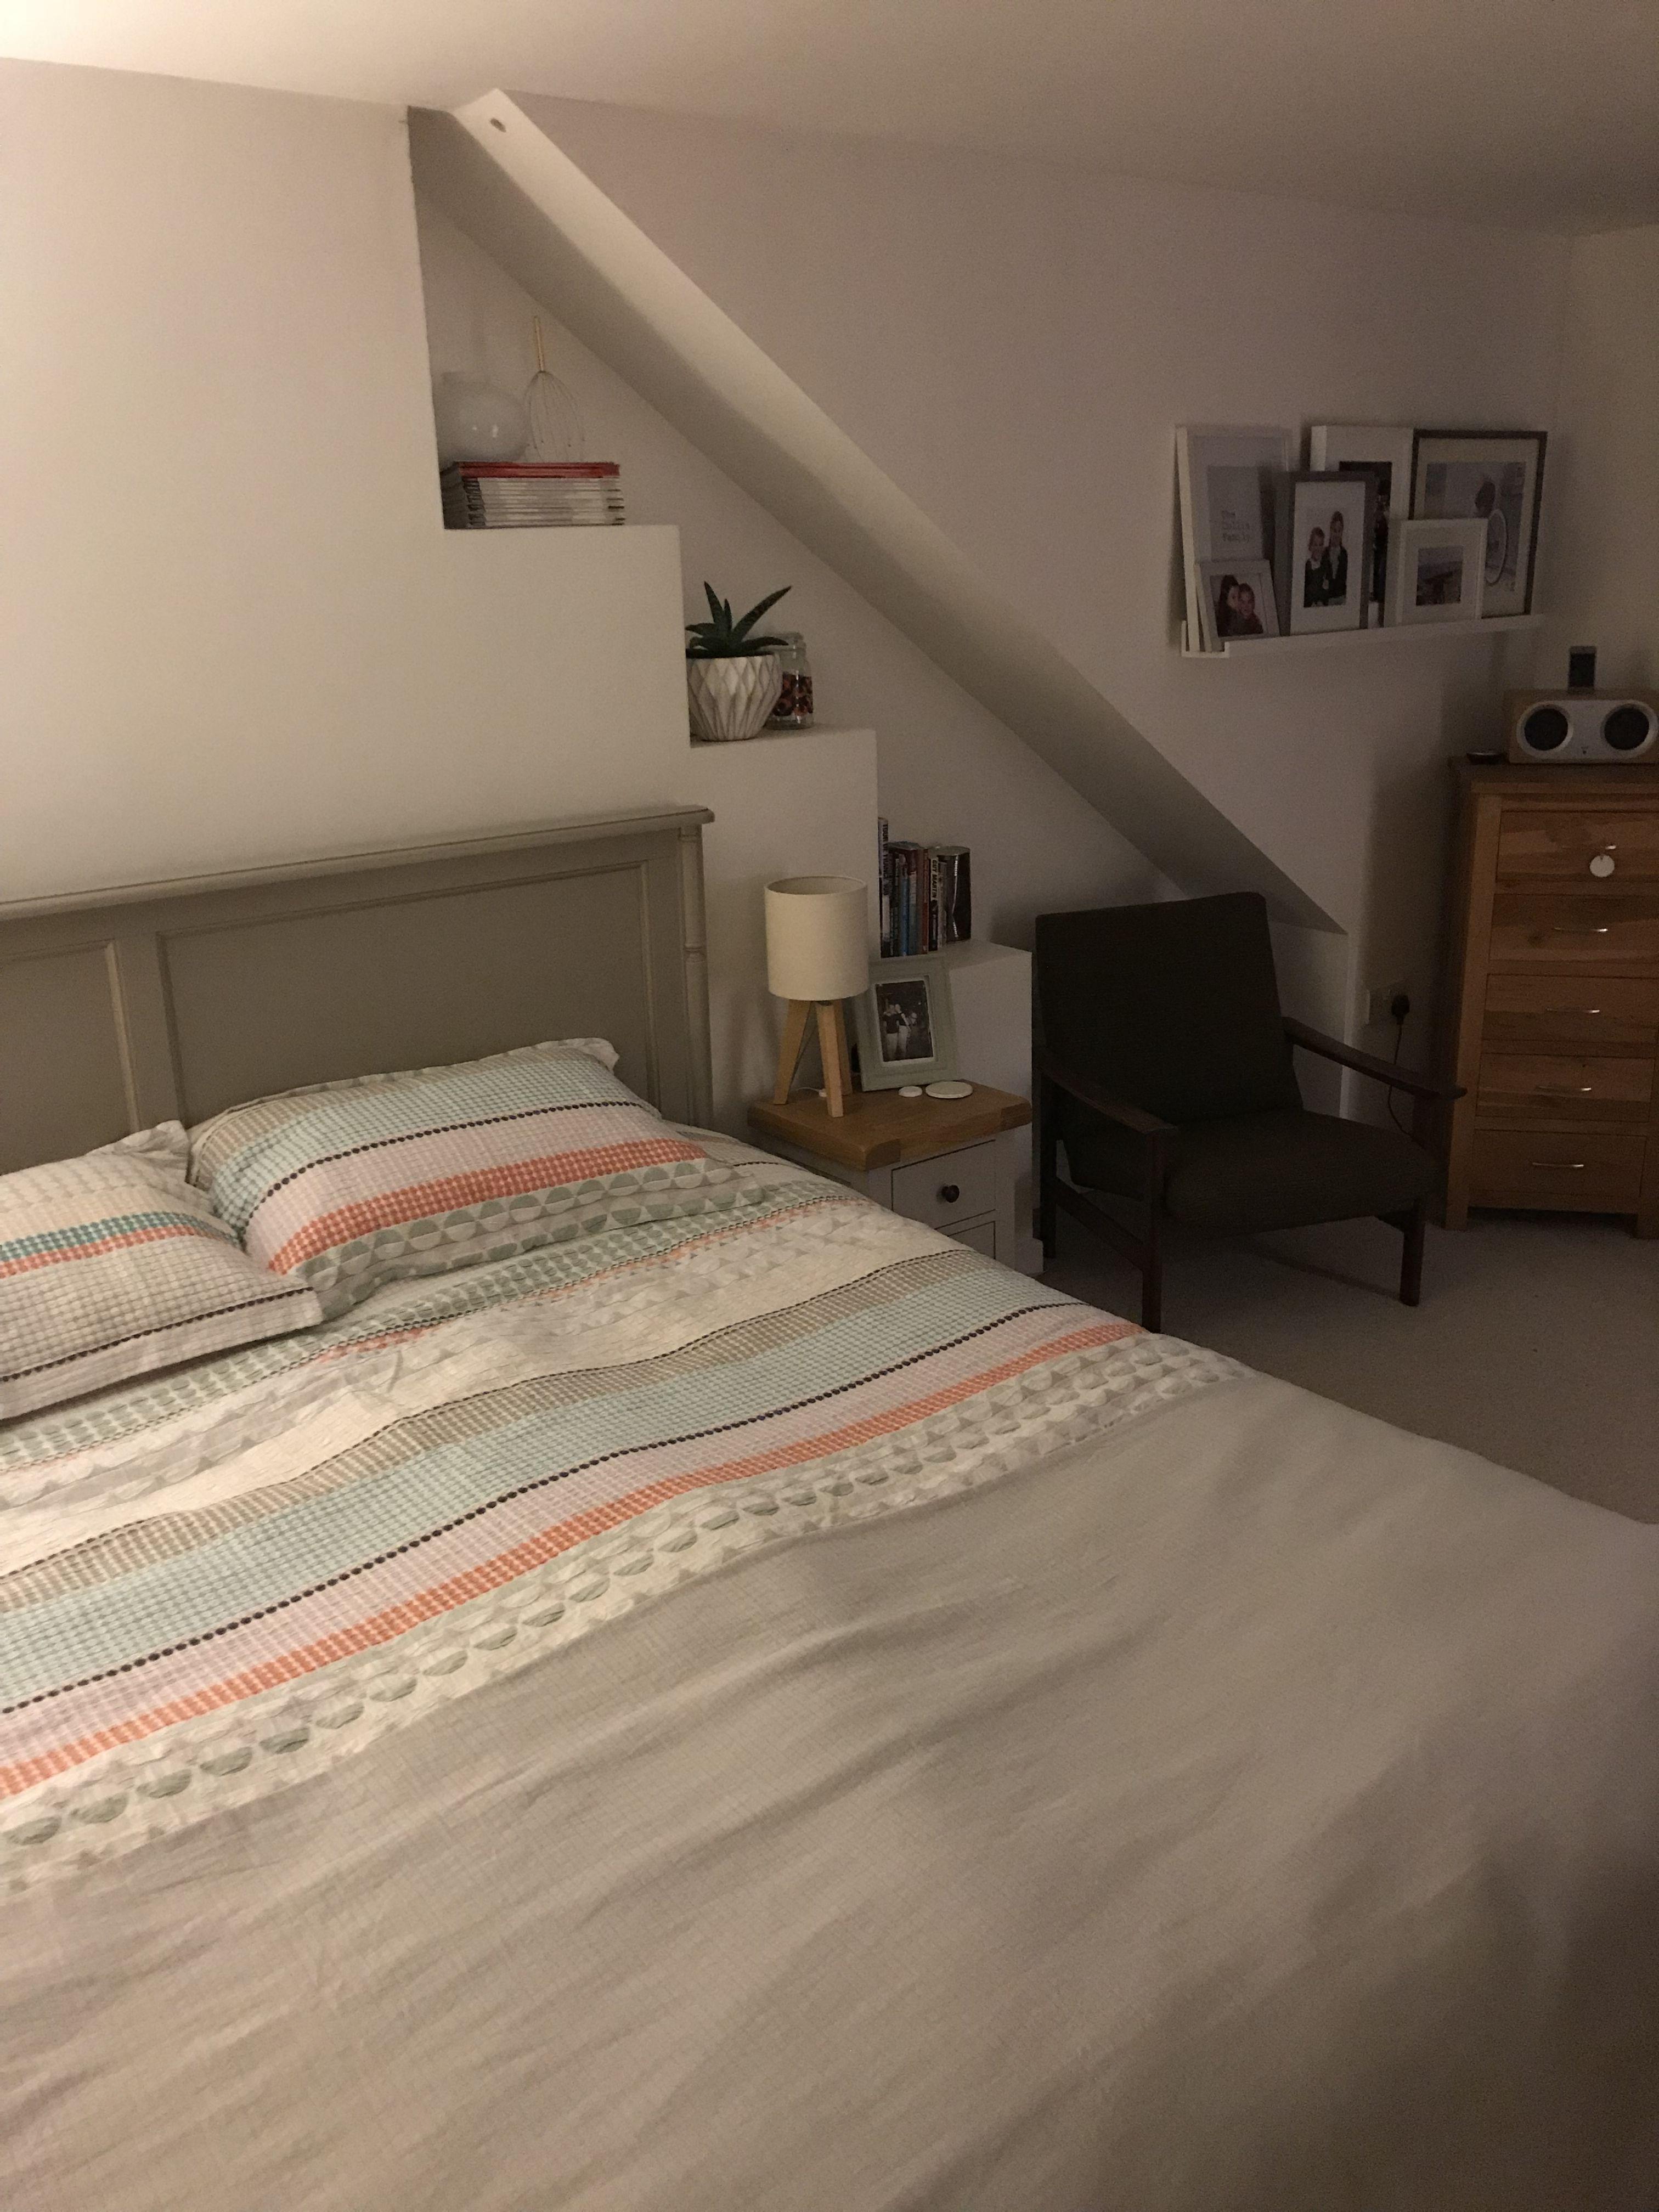 Loft extension bedroom ideas. Habitat duvet cover. Grey